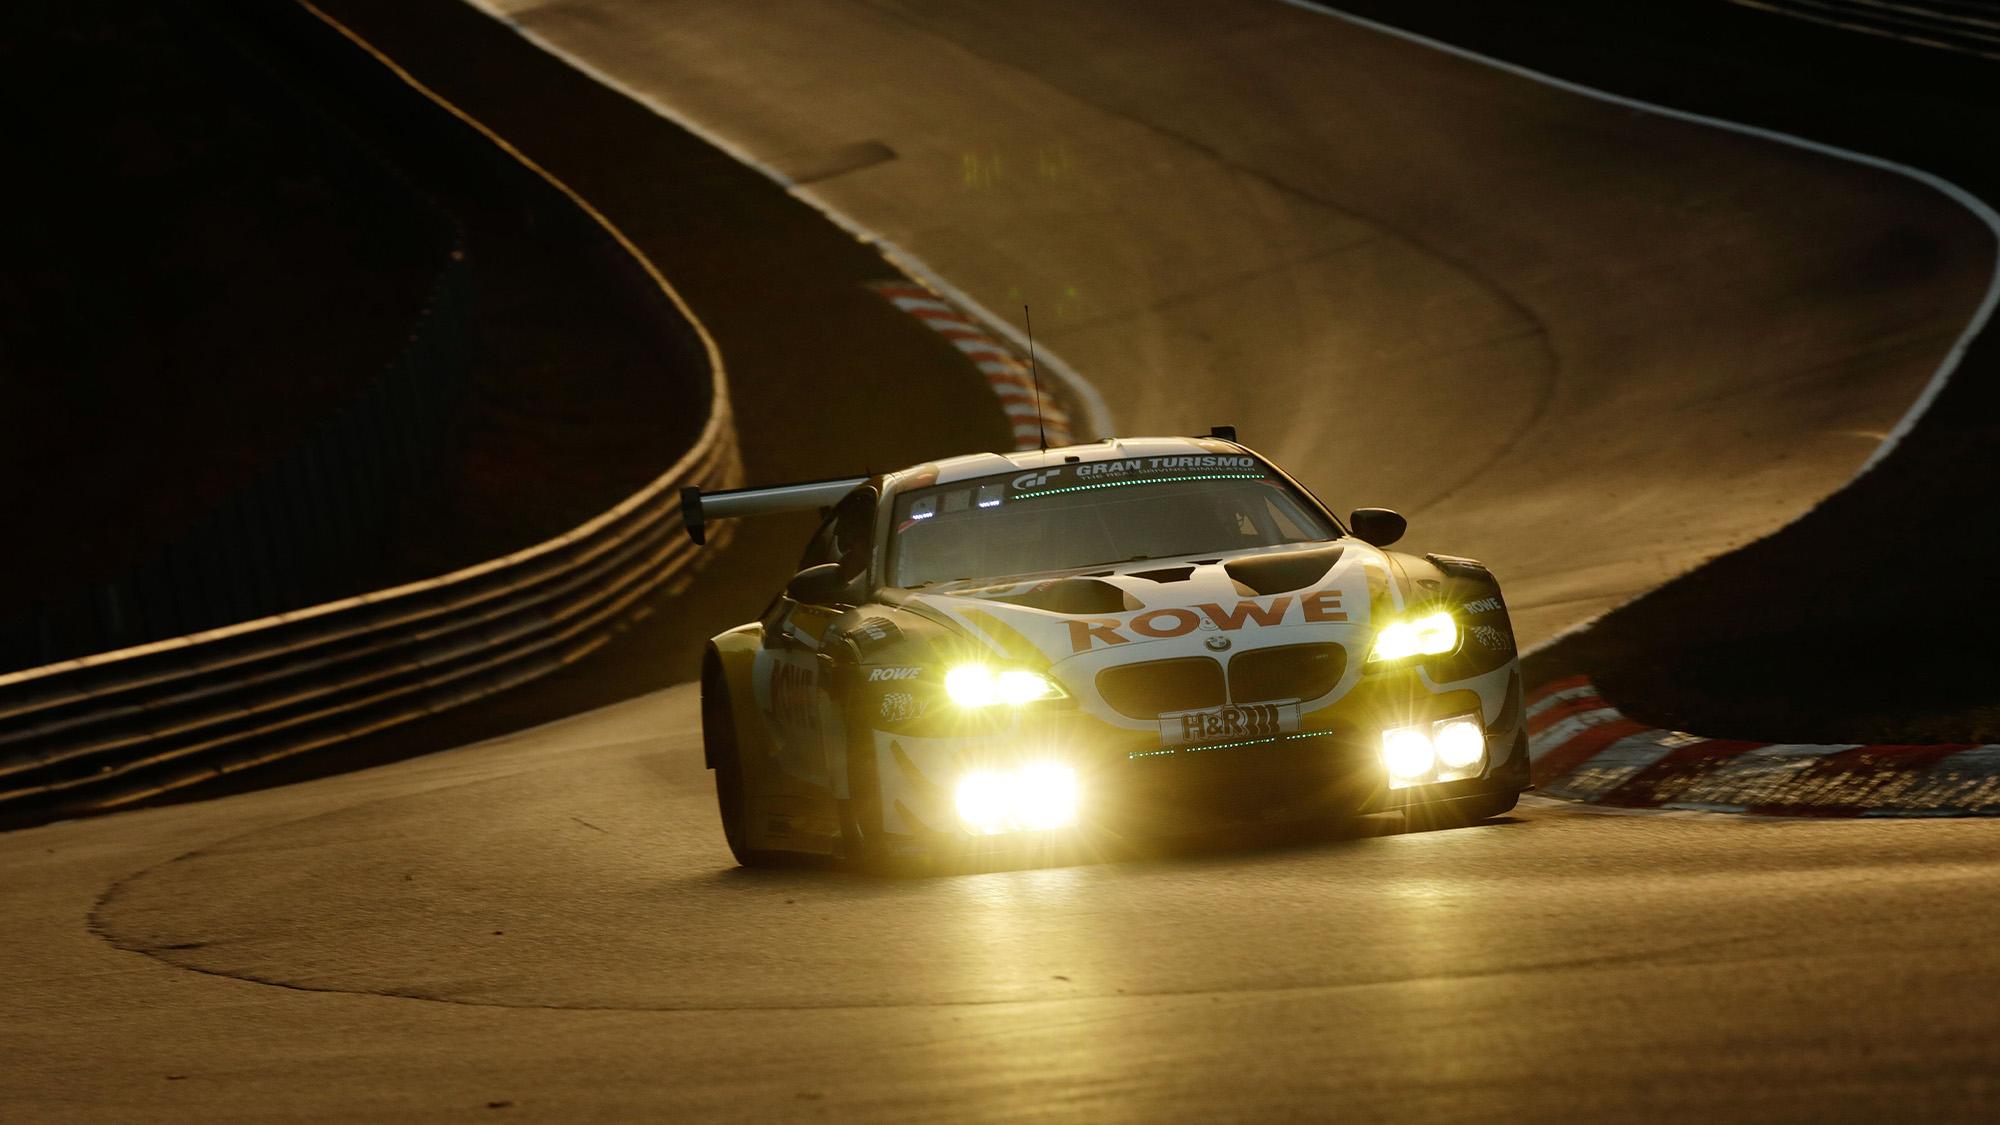 BMW Rowe at the 2020 Nurburgring 24 Hours